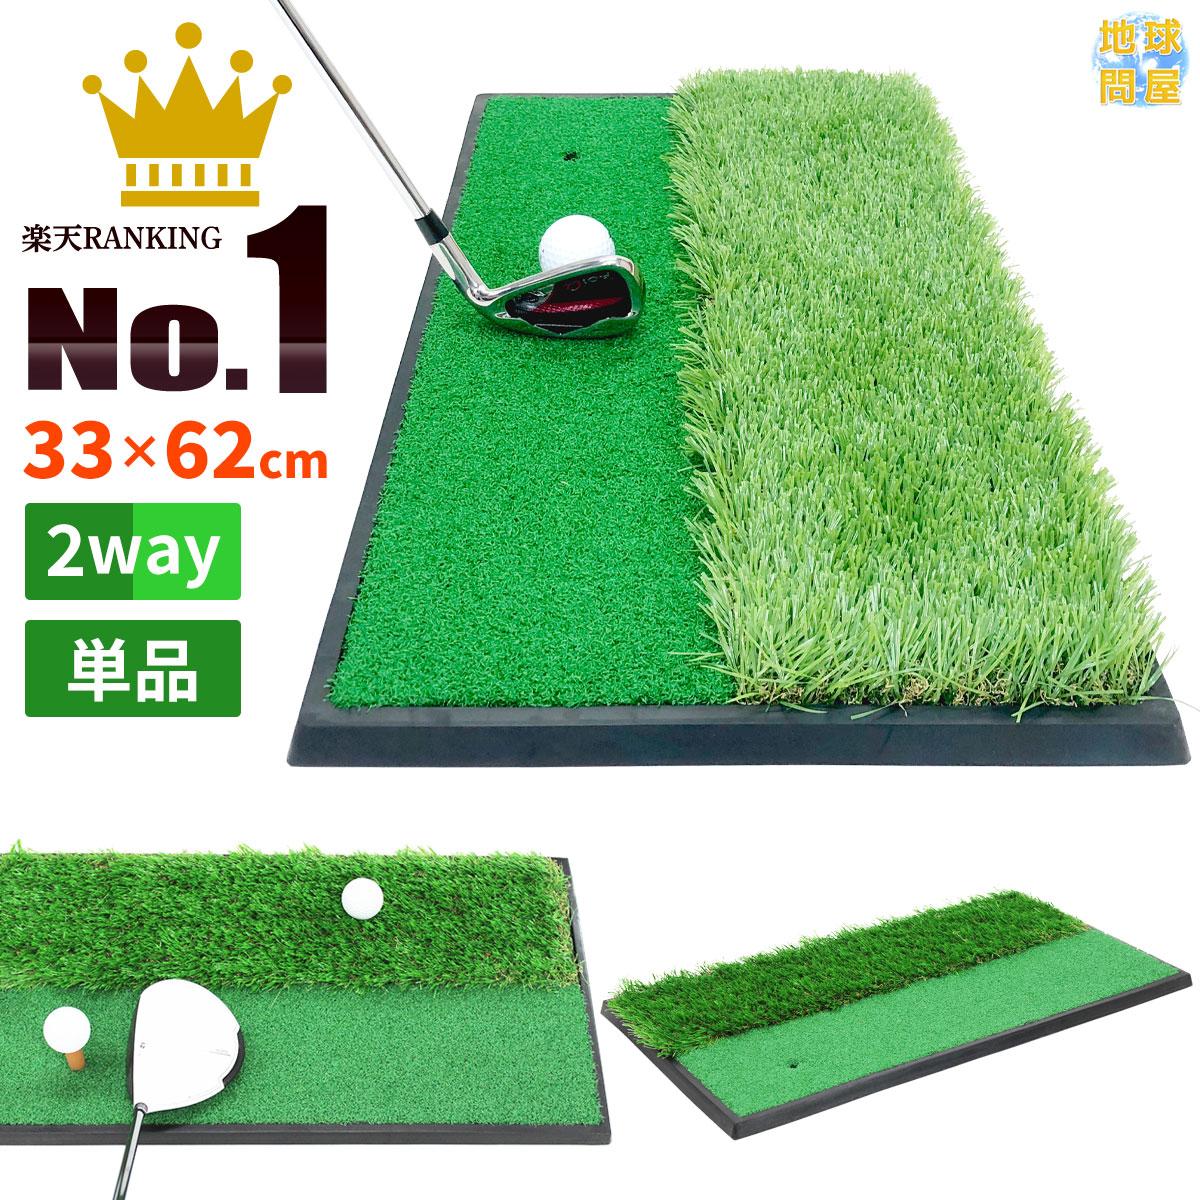 フェアウェイとラフの練習ができる 土台がゴムで重みがあるから動かないゴルフスイング練習マットです 自宅でのスイング練習に最適です ゴルフ 練習 マット ゴムマット 当店は最高な サービスを提供します 素振り 2WAYマット 33×62cm スイング 人工芝 フェアウェイ ラフ 単品 蔵